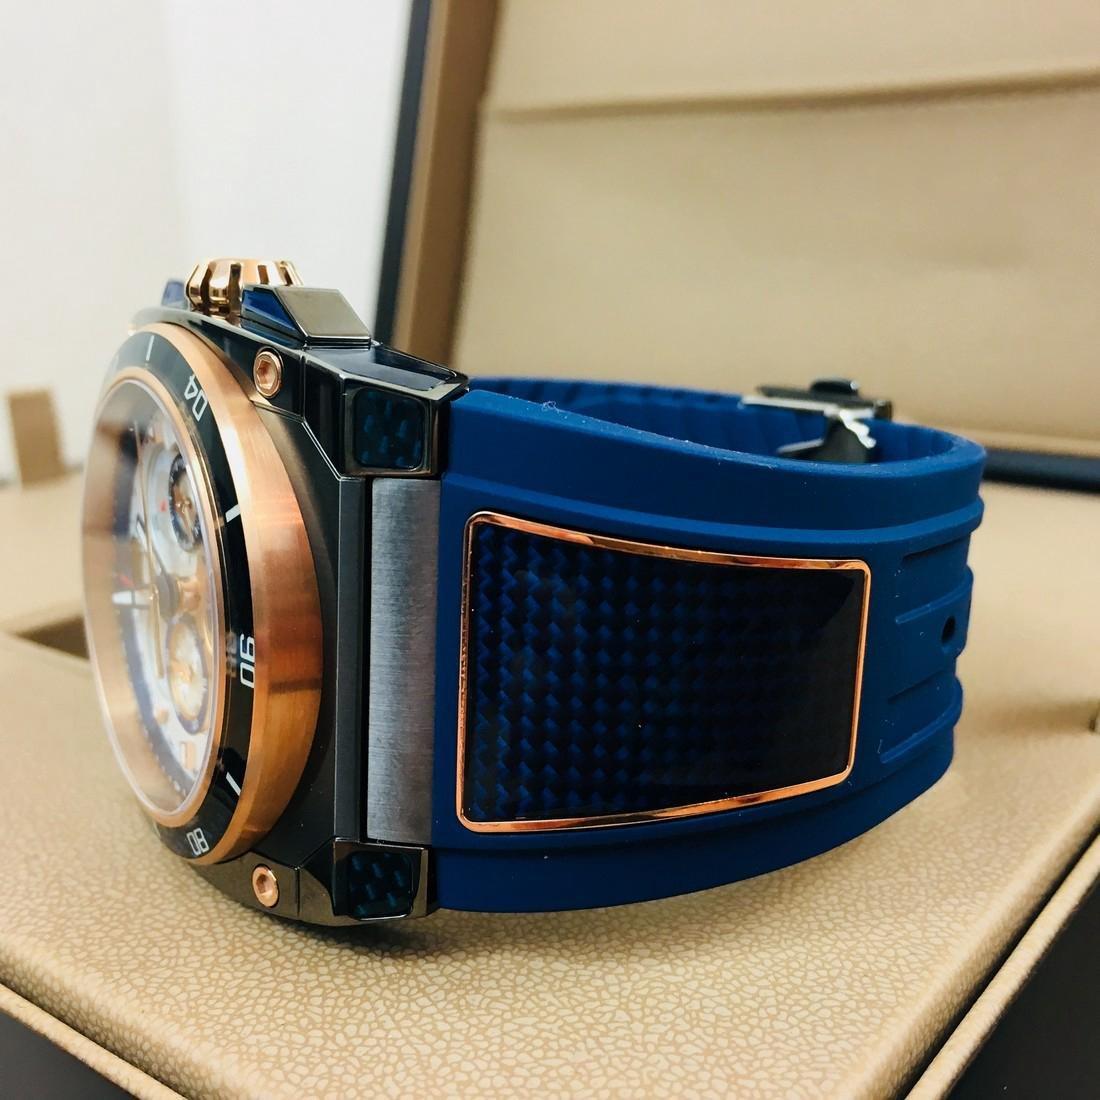 Savoy Titanium Carbon Swiss Made Luxury Watch - 4